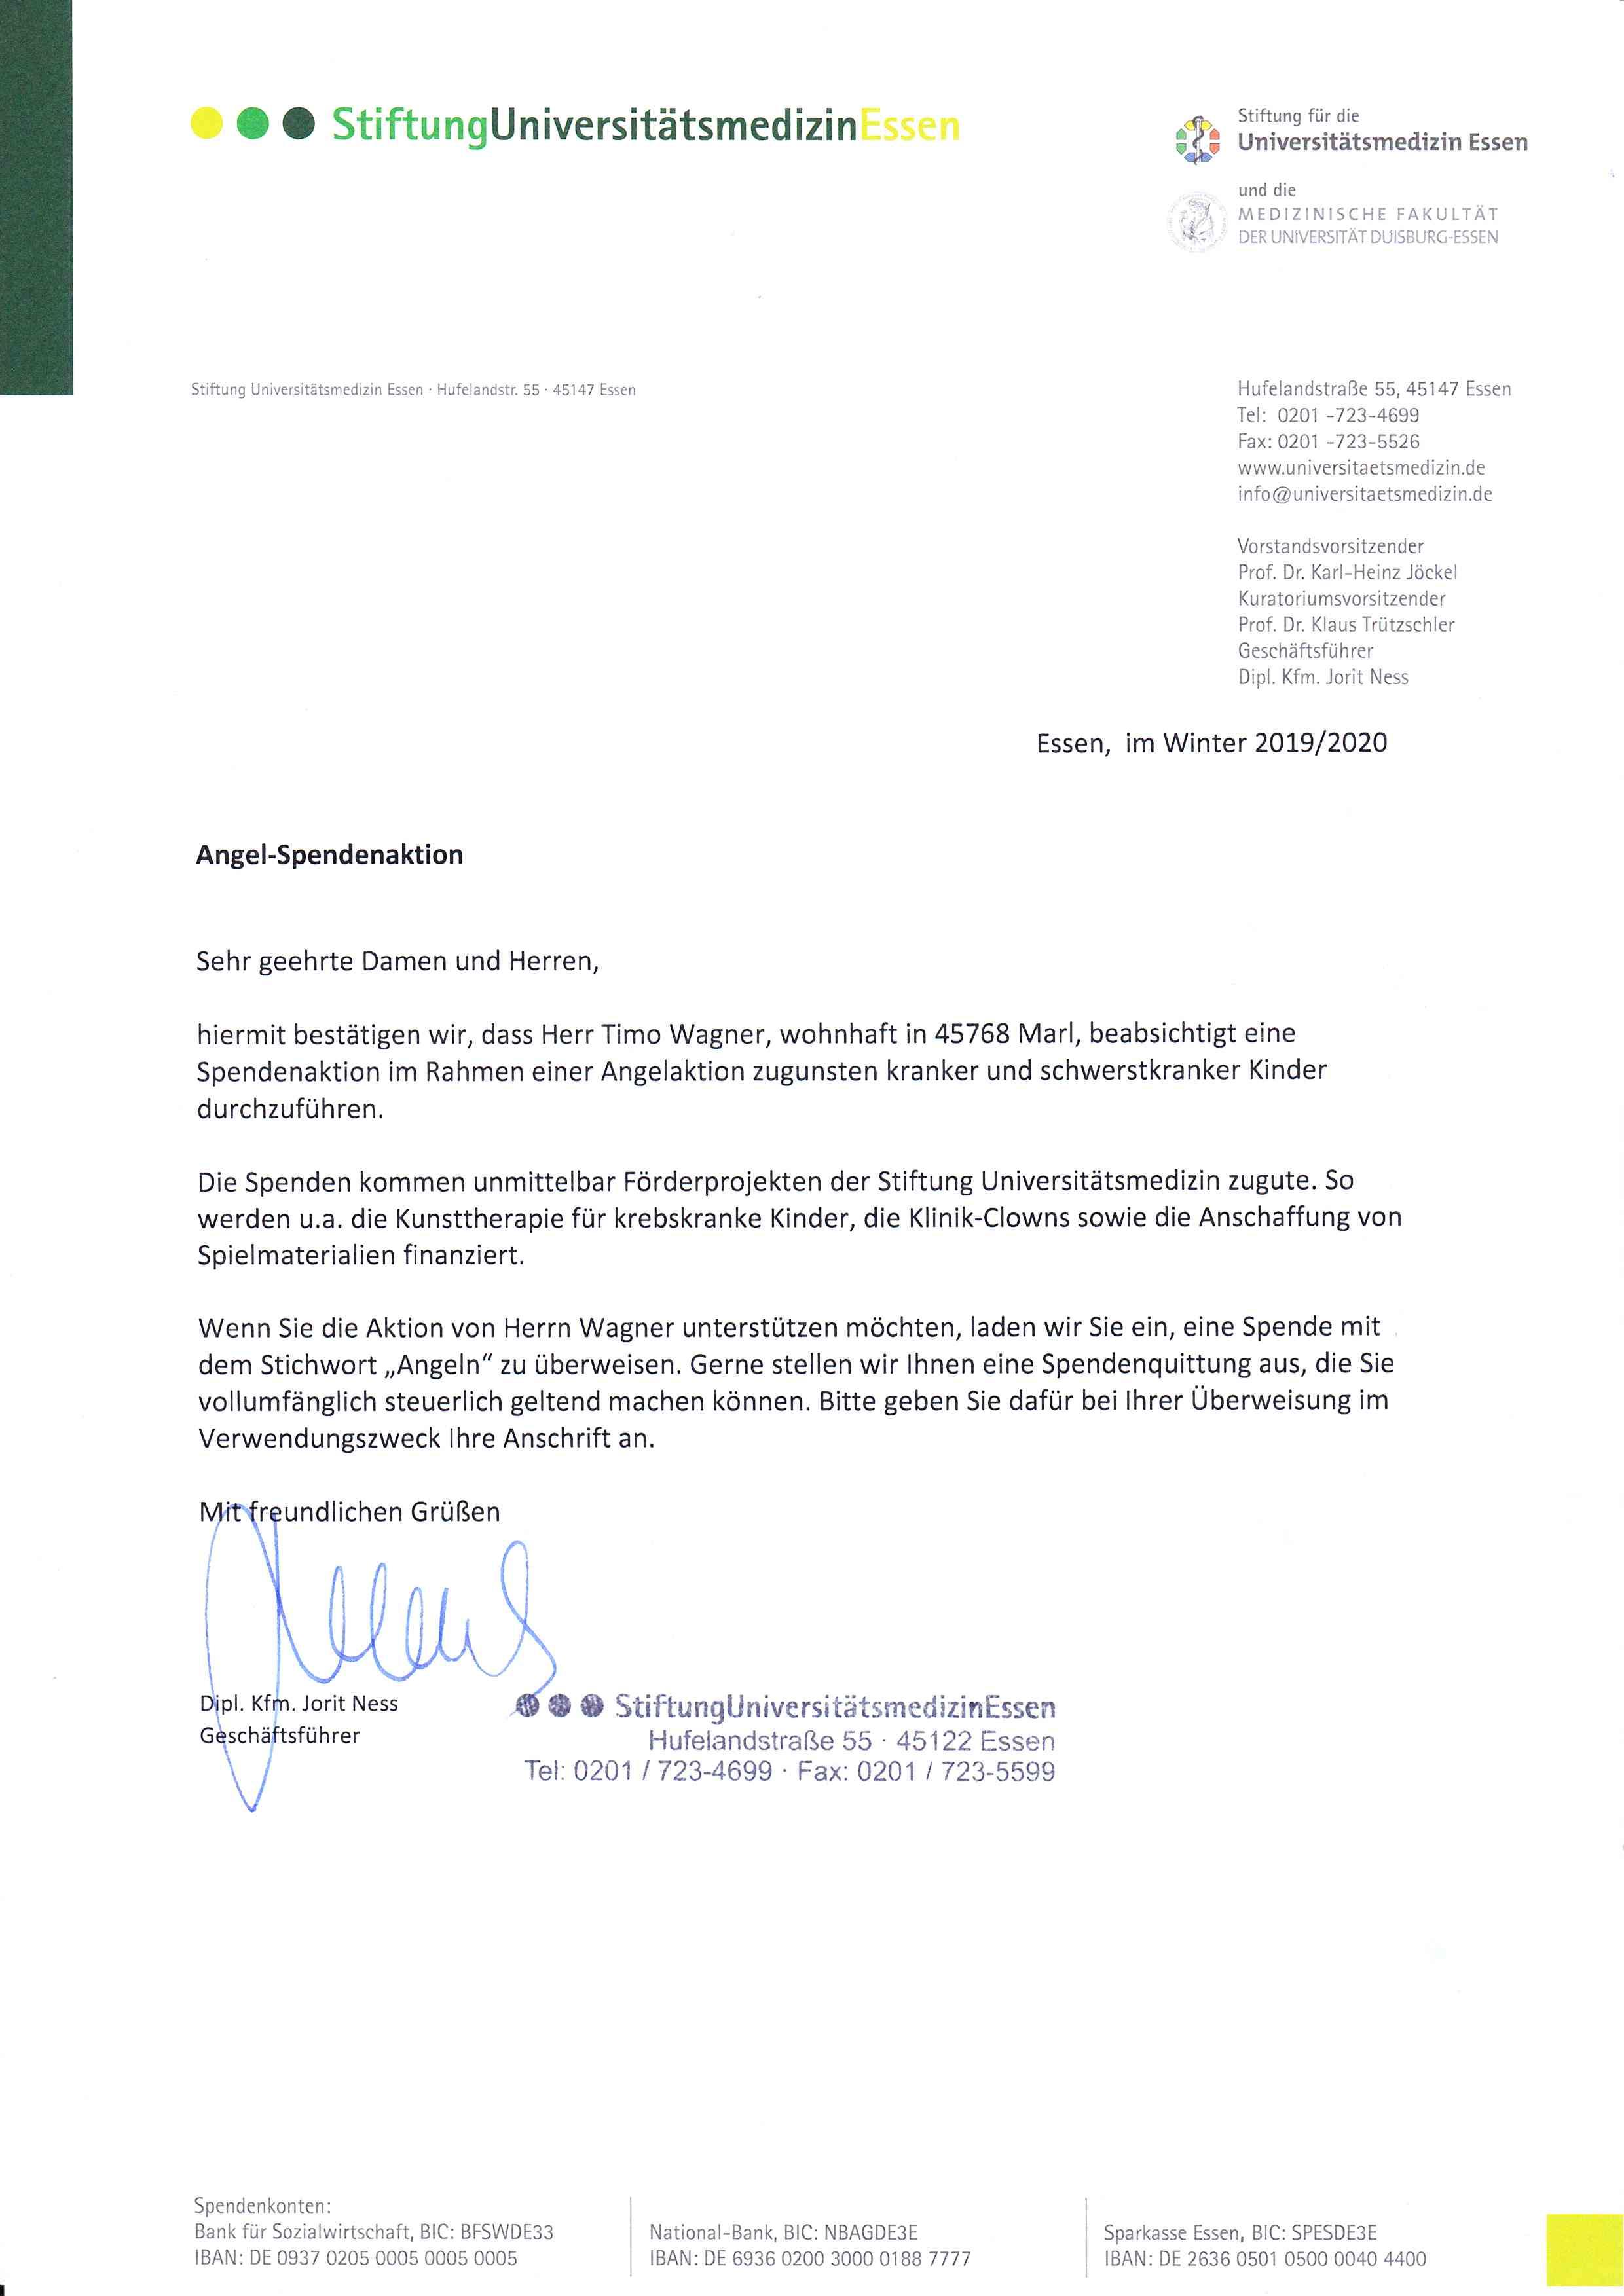 Bestätigungsschreiben Stiftung Universitätsmedizin Essen